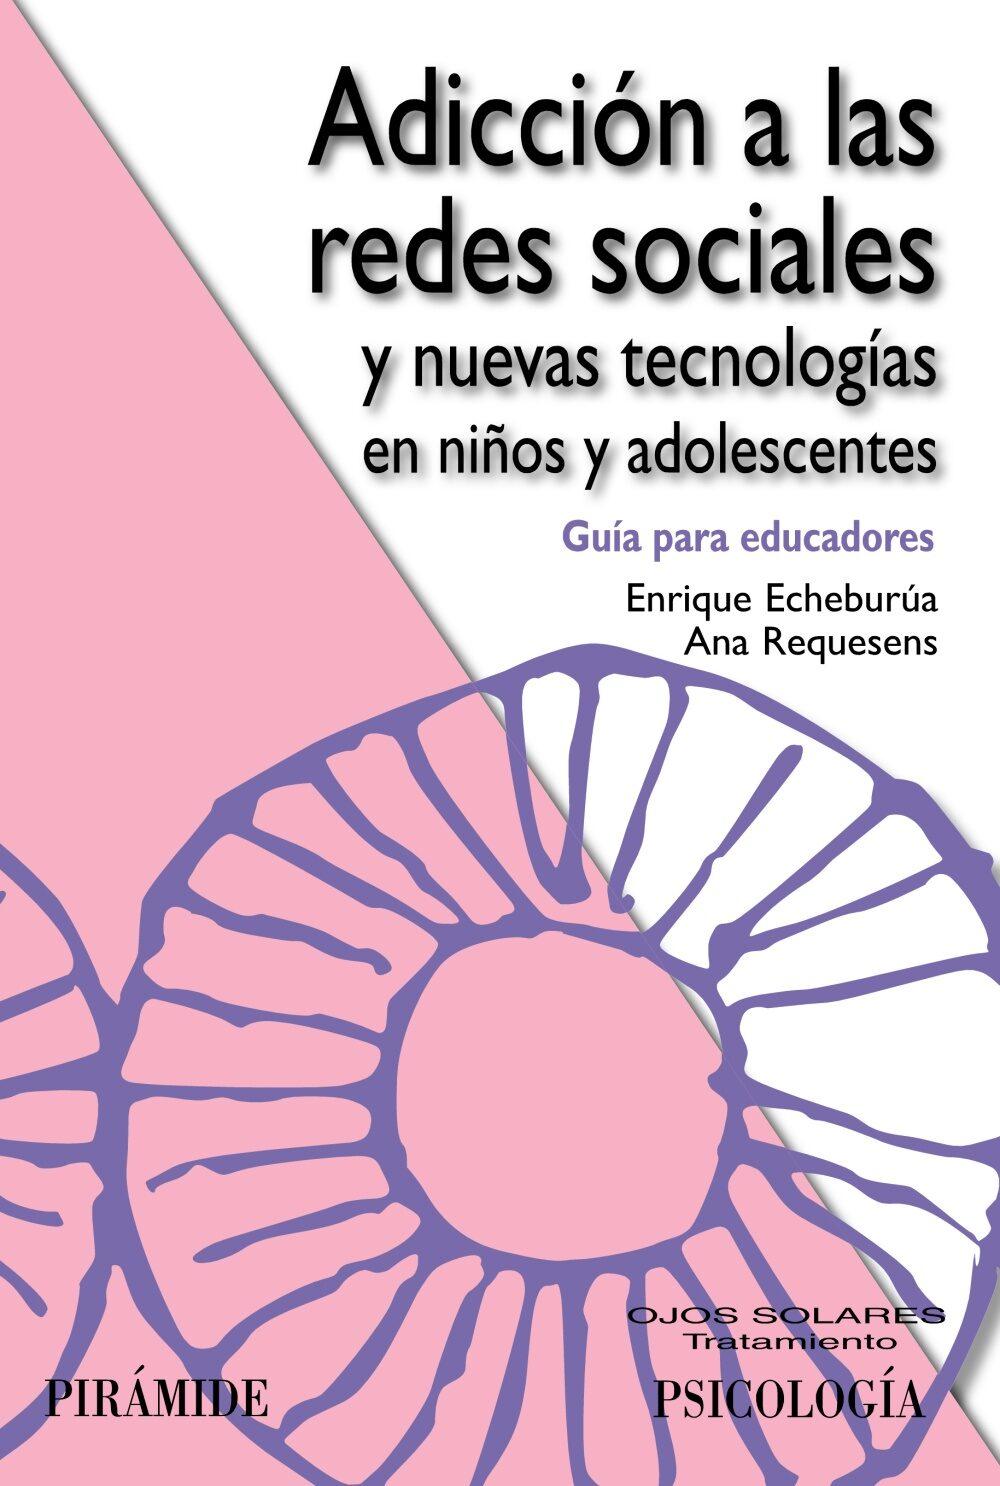 Adiccion A Las Redes Sociales Y Nuevas Tecnologias En Nios Ado Lescentes Enrique Echeburua